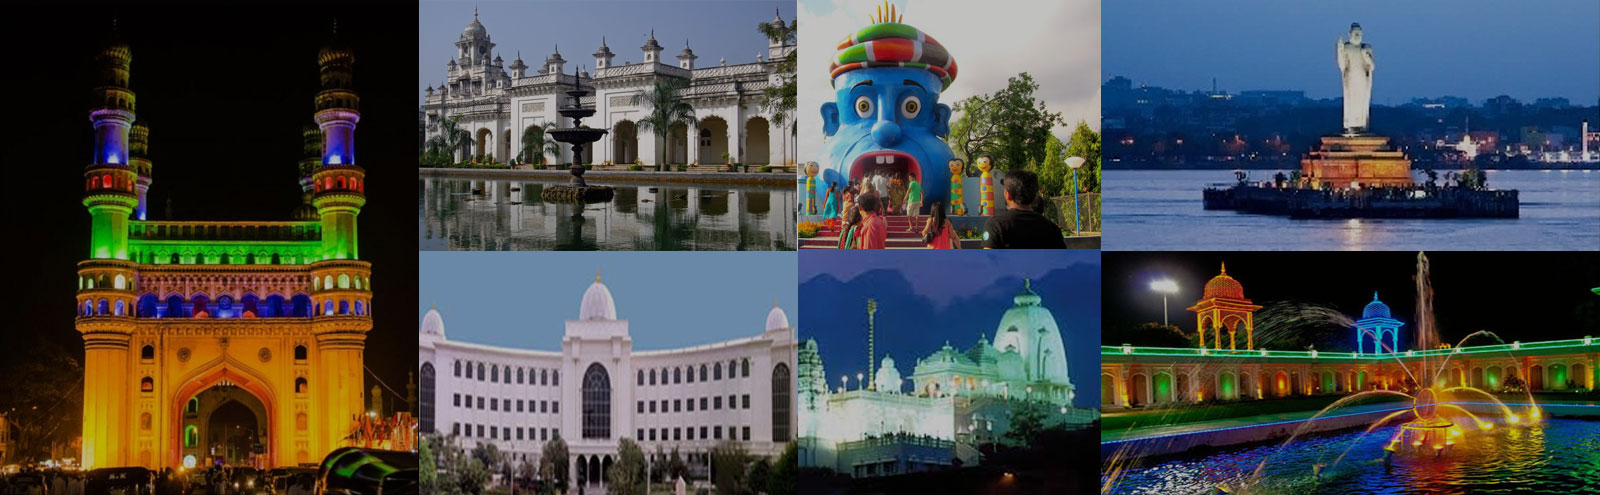 Hyderabad Special Image